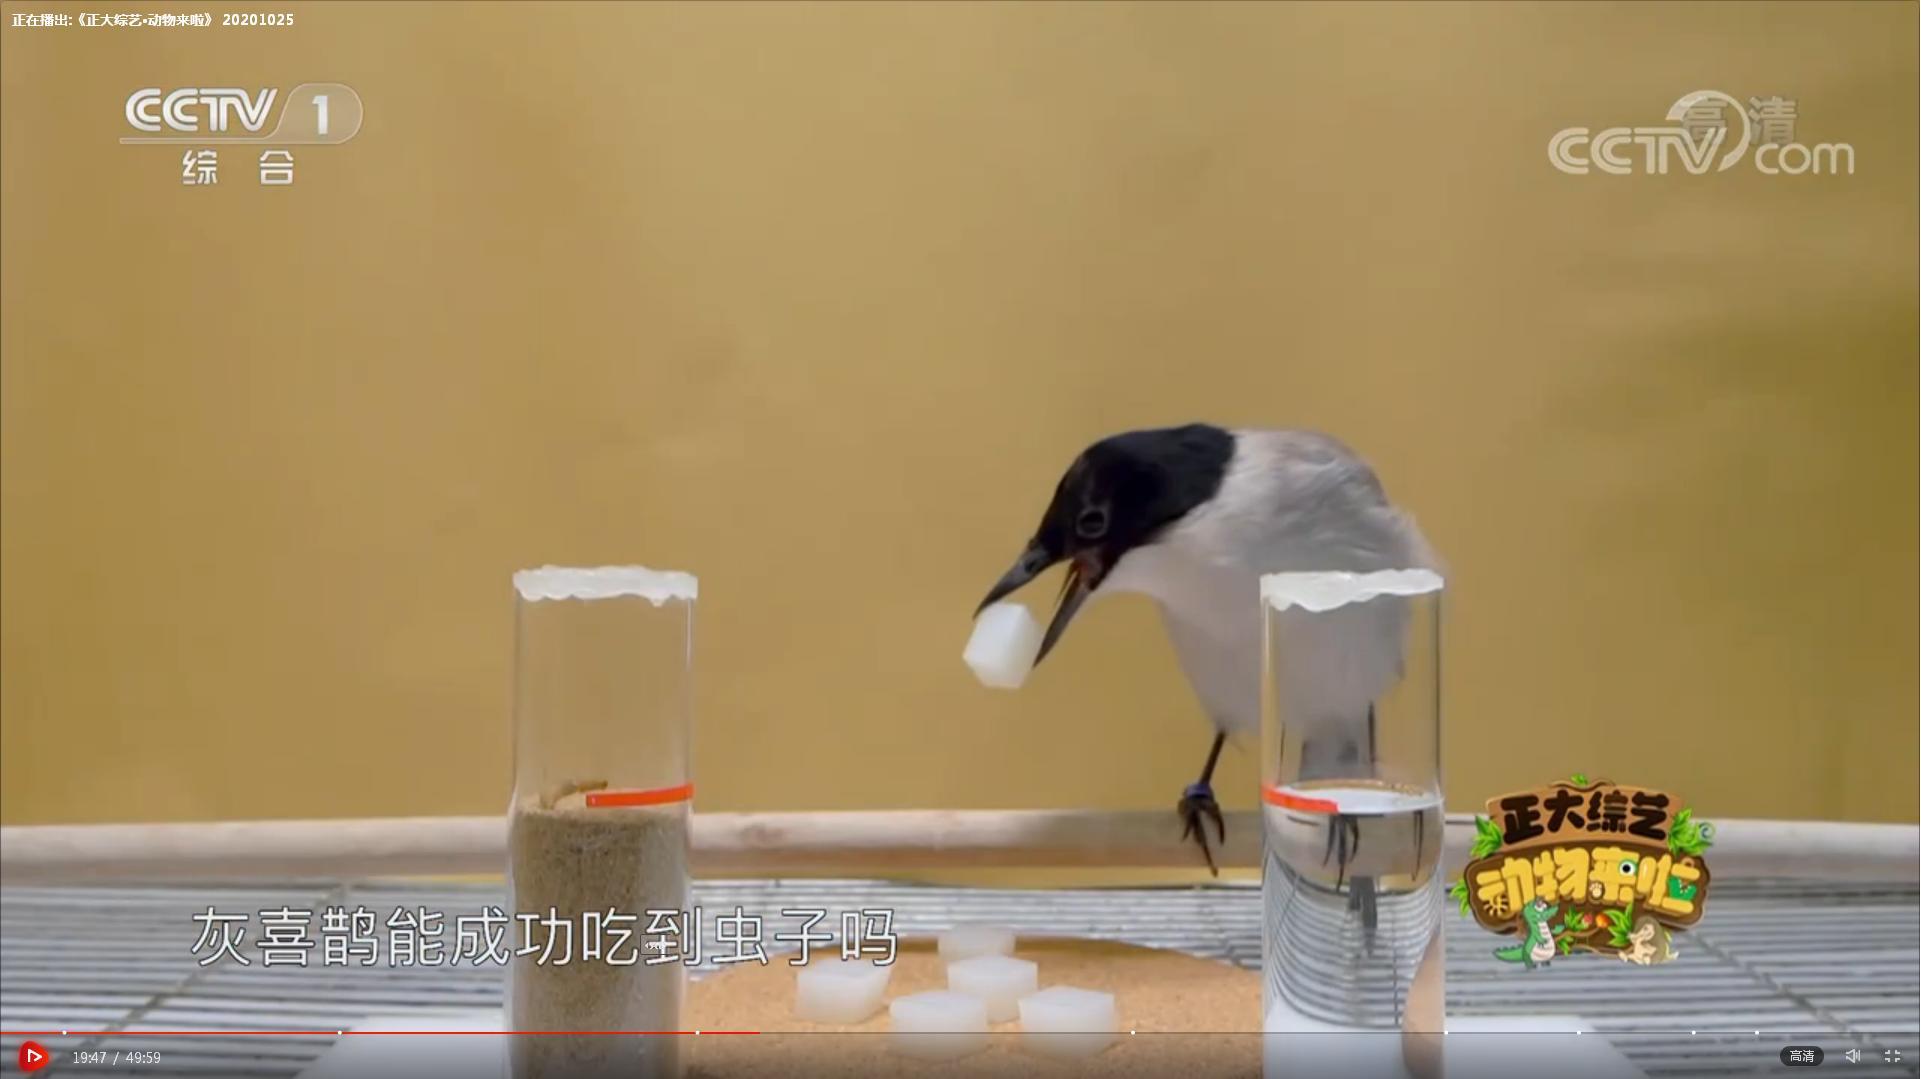 张宜贵 第一关 沙子与水 测试灰喜鹊吃虫子.JPG